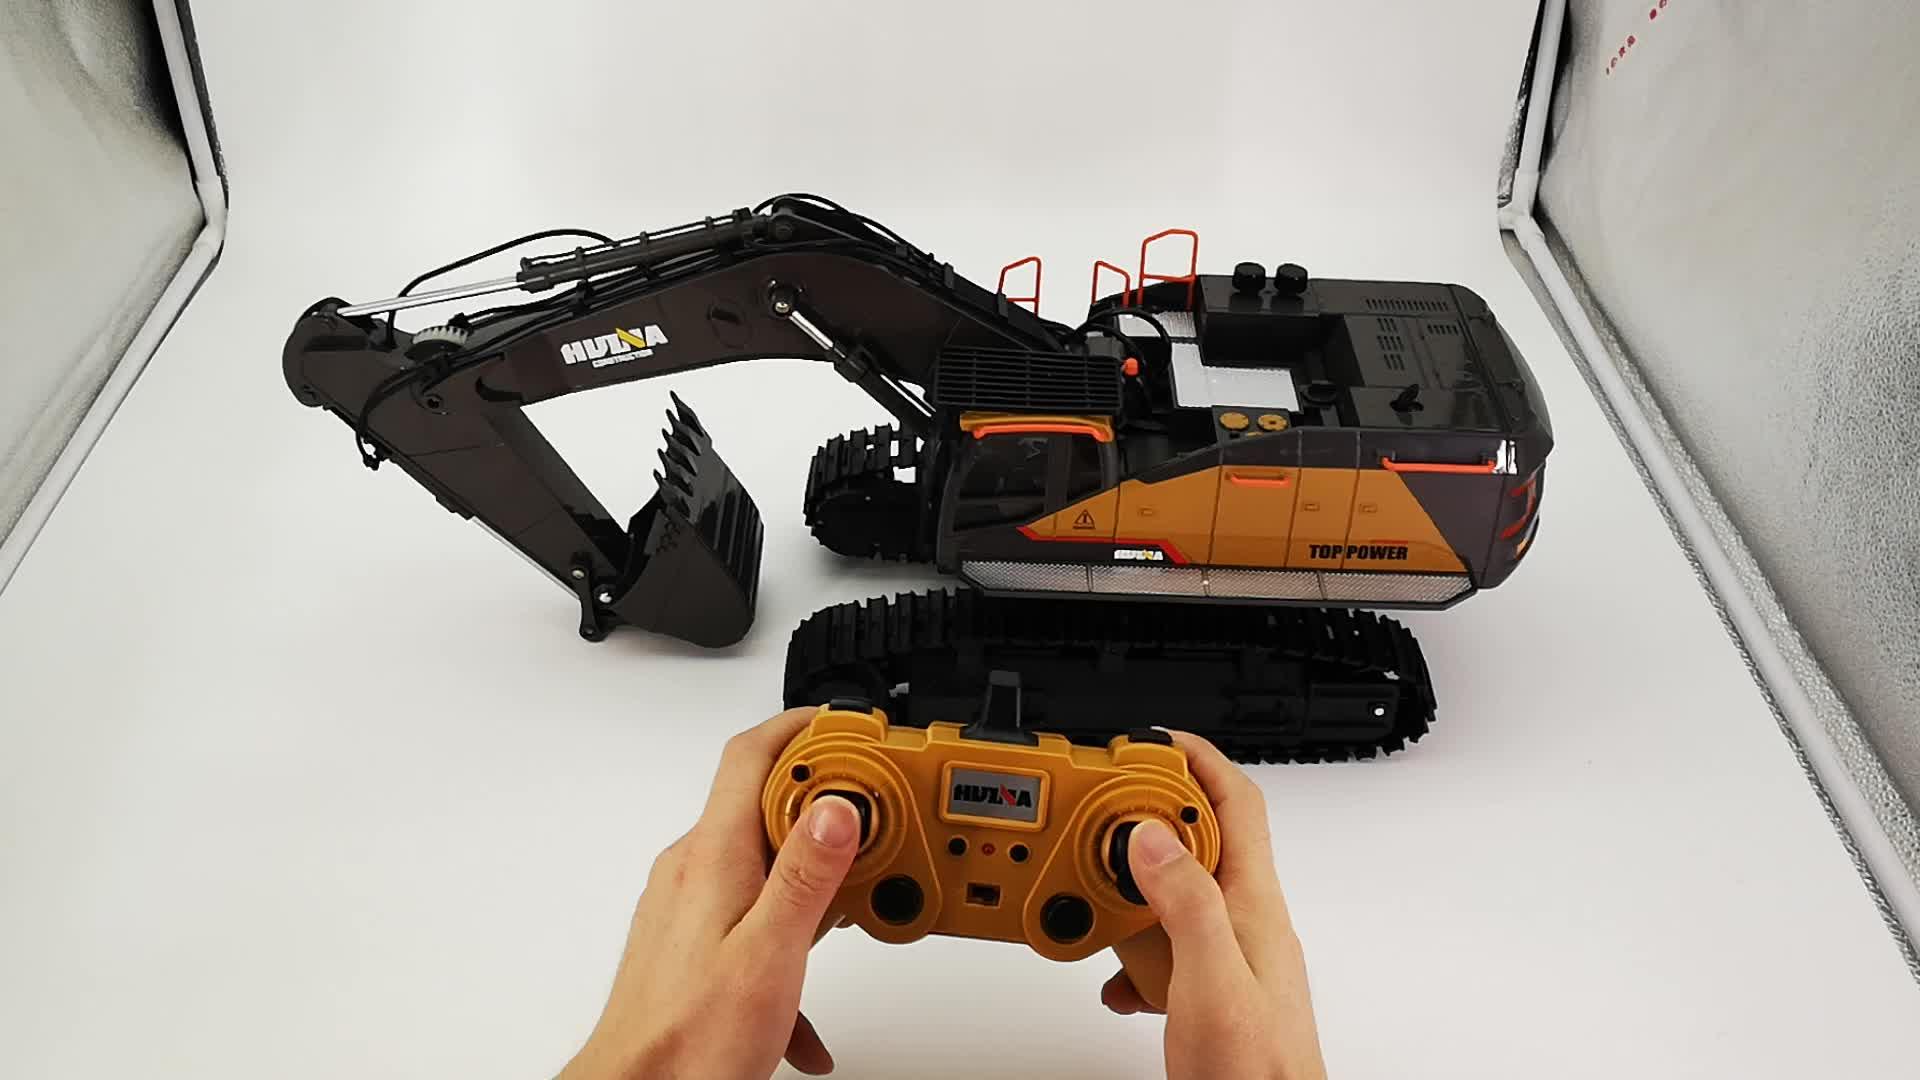 2020 nouveau Huina 1592 pelle construction camion jouets cadeaux alliage en métal modèle de véhicule d'ingénierie télécommande r c voiture rc